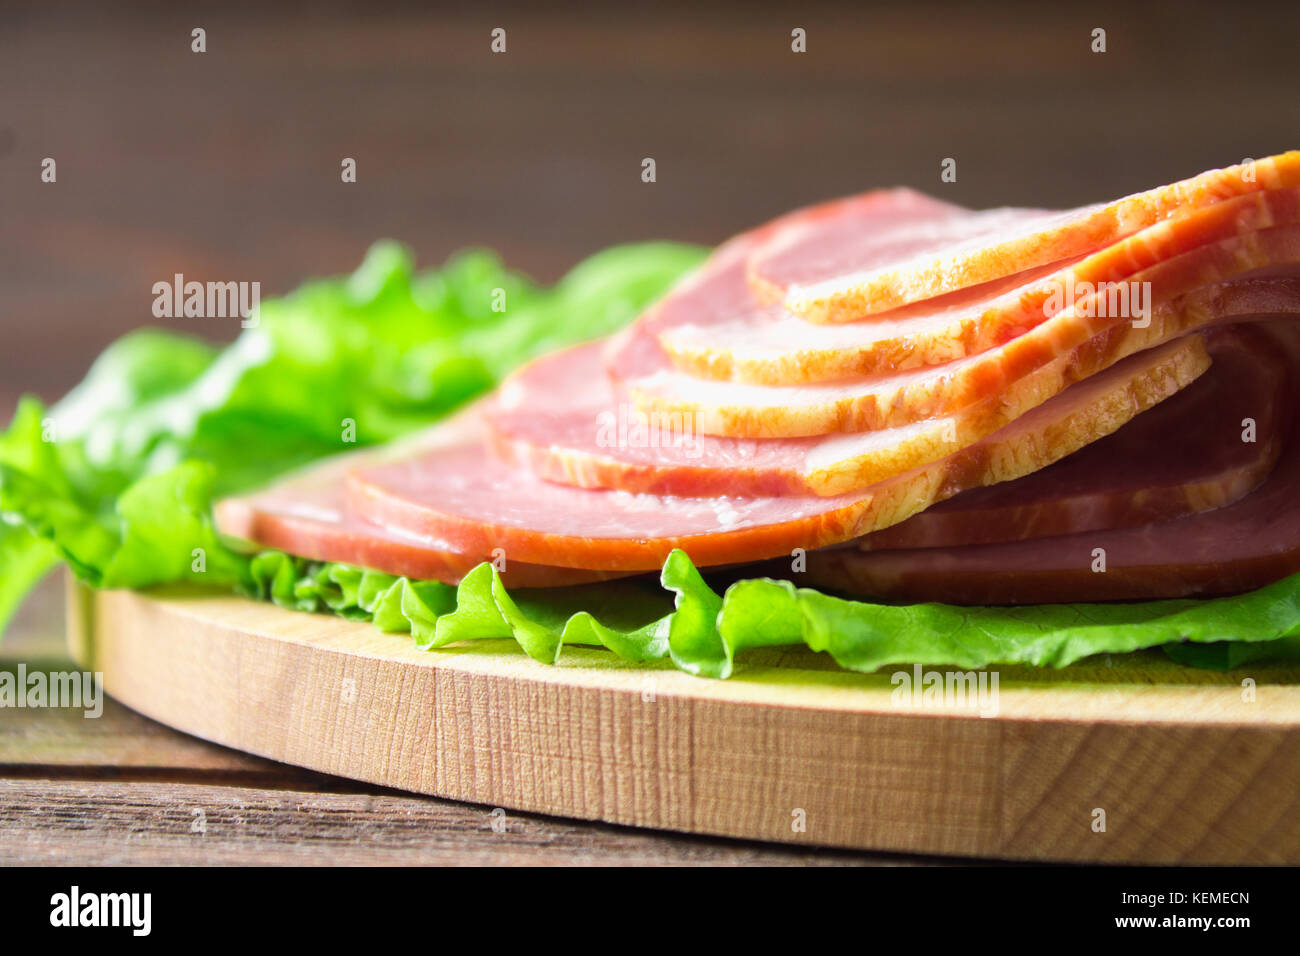 Tranche de jambon avec des feuilles de laitue verte sur une planche à découper ronde. Les produits à Photo Stock